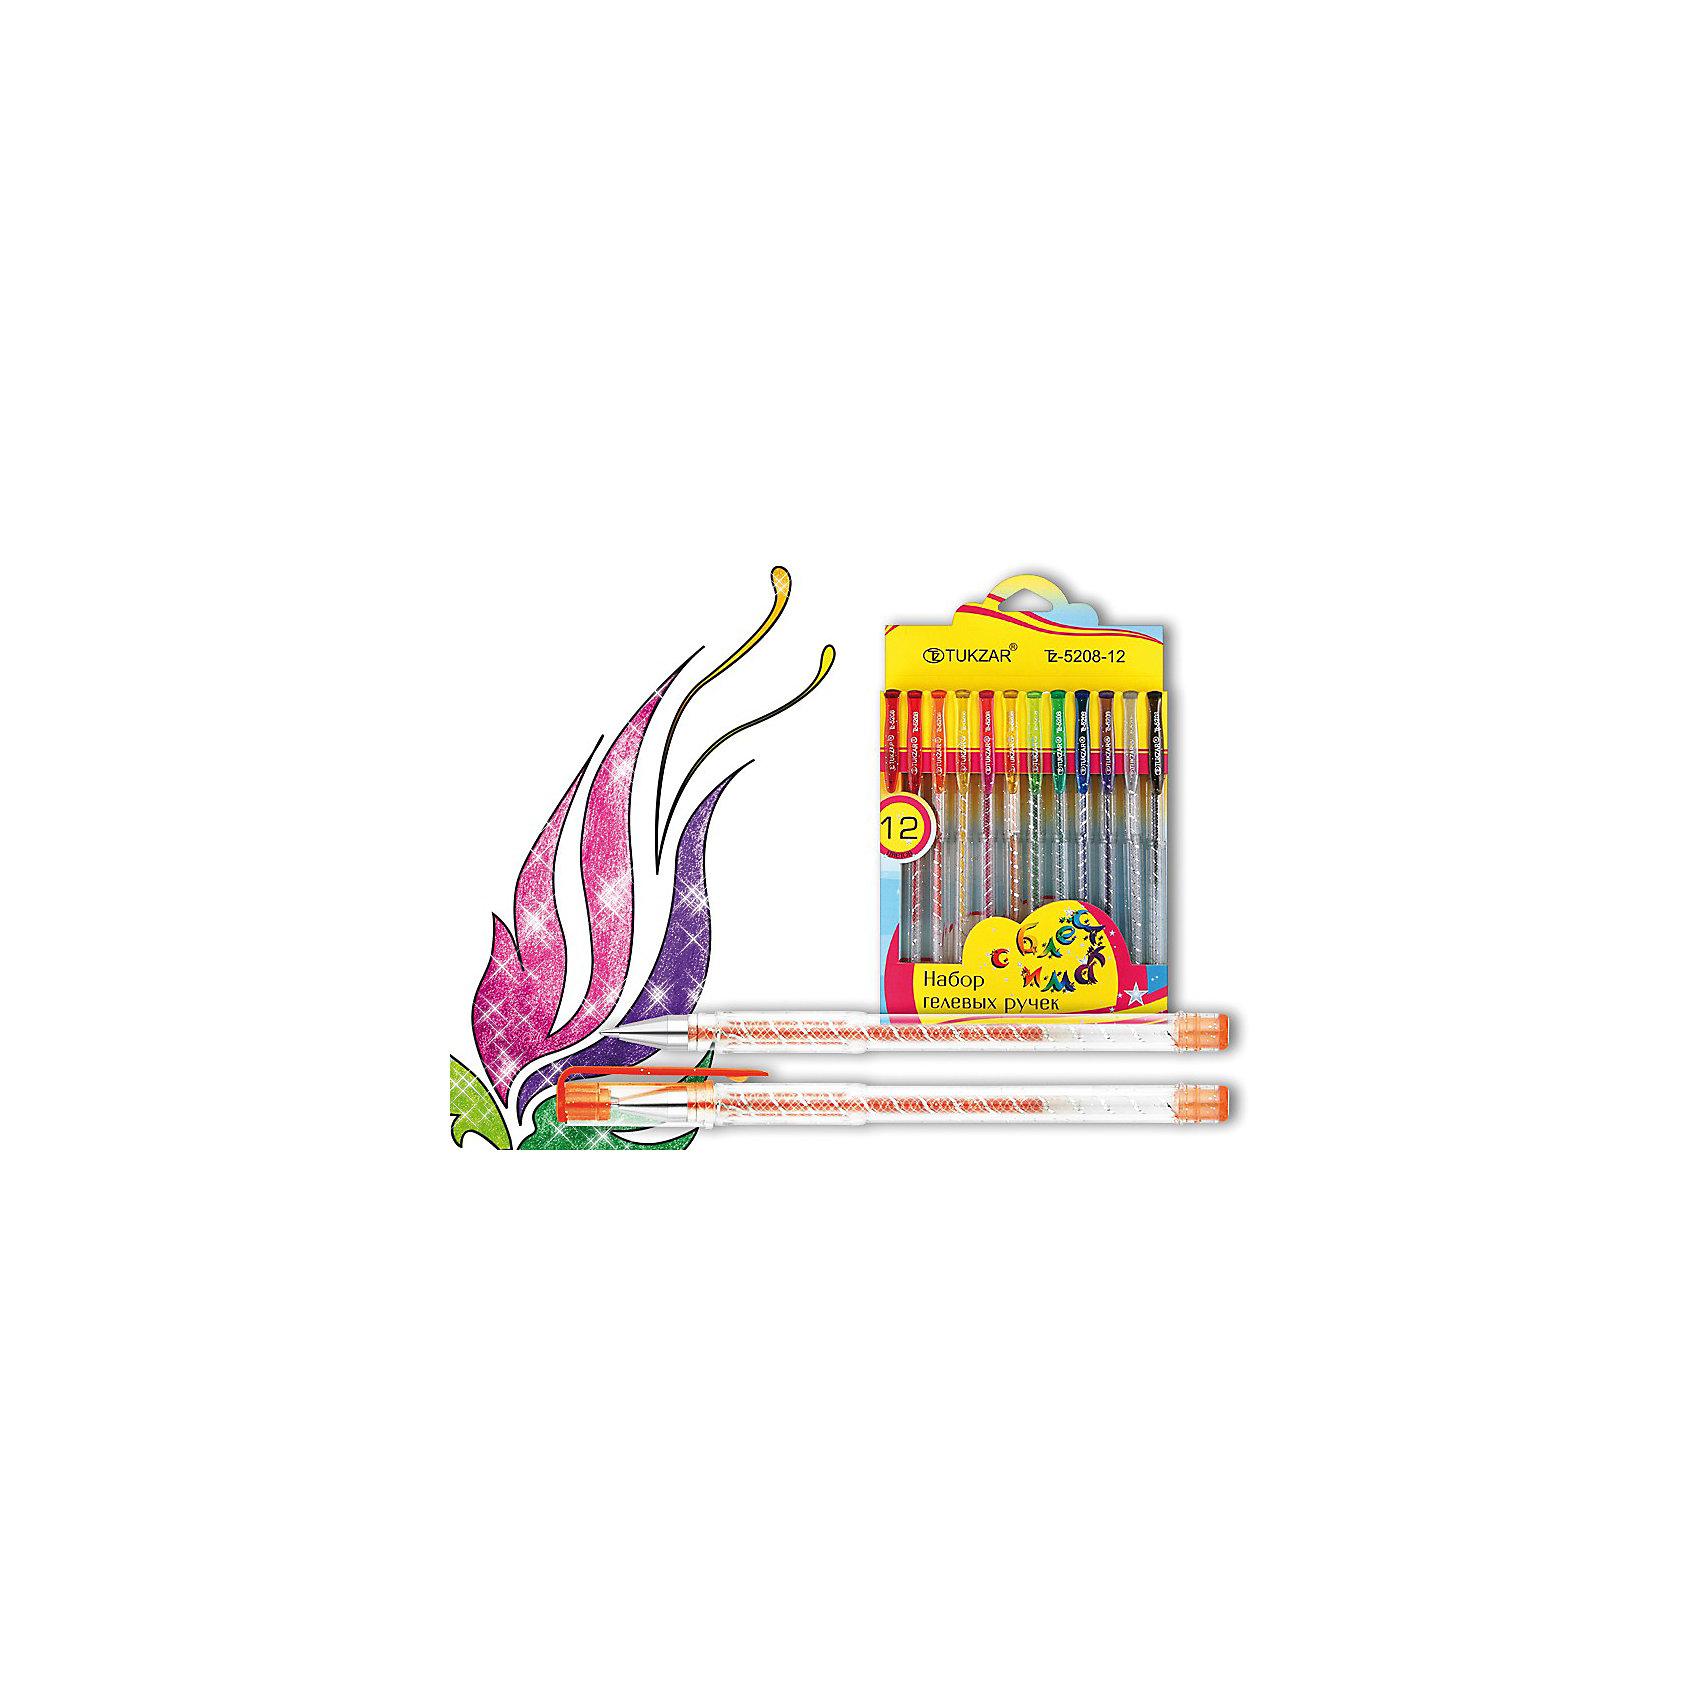 TUKZAR Набор гелевых ручек суперметаллик 12 цв.Характеристики товара:<br><br>• материал: пластик<br>• комплектация: 12 шт<br>• колпачок с клипом<br>• чернила: суперметаллик с блестками<br>• прозрачный корпус<br>• упаковка: с европодвесом<br>• страна бренда: Российская Федерация<br>• страна производства: Китай<br><br>Сделать учебу интереснее для ребенка поможет этот набор цветных ручек! Ими не только гораздо веселее писать и рисовать, чем обычной синей, такие ручки помогут детям научиться выделять разными цветами важные и второстепенные вещи, позволят делать яркие пометки, разбивать текст на части, рисовать схемы и графики.<br>Ручки качественно выполнены, сделаны из безопасных для детей материалов. Упаковка - удобная, в ней можно хранить ручки. Письмо и рисование помогает детям лучше развить мелкую моторику, память, внимание, аккуратность и мышление.<br><br>Набор гелевых ручек суперметаллик 12 цв. от бренда TUKZAR можно купить в нашем интернет-магазине.<br><br>Ширина мм: 208<br>Глубина мм: 112<br>Высота мм: 12<br>Вес г: 99<br>Возраст от месяцев: 36<br>Возраст до месяцев: 1188<br>Пол: Унисекс<br>Возраст: Детский<br>SKU: 3098126